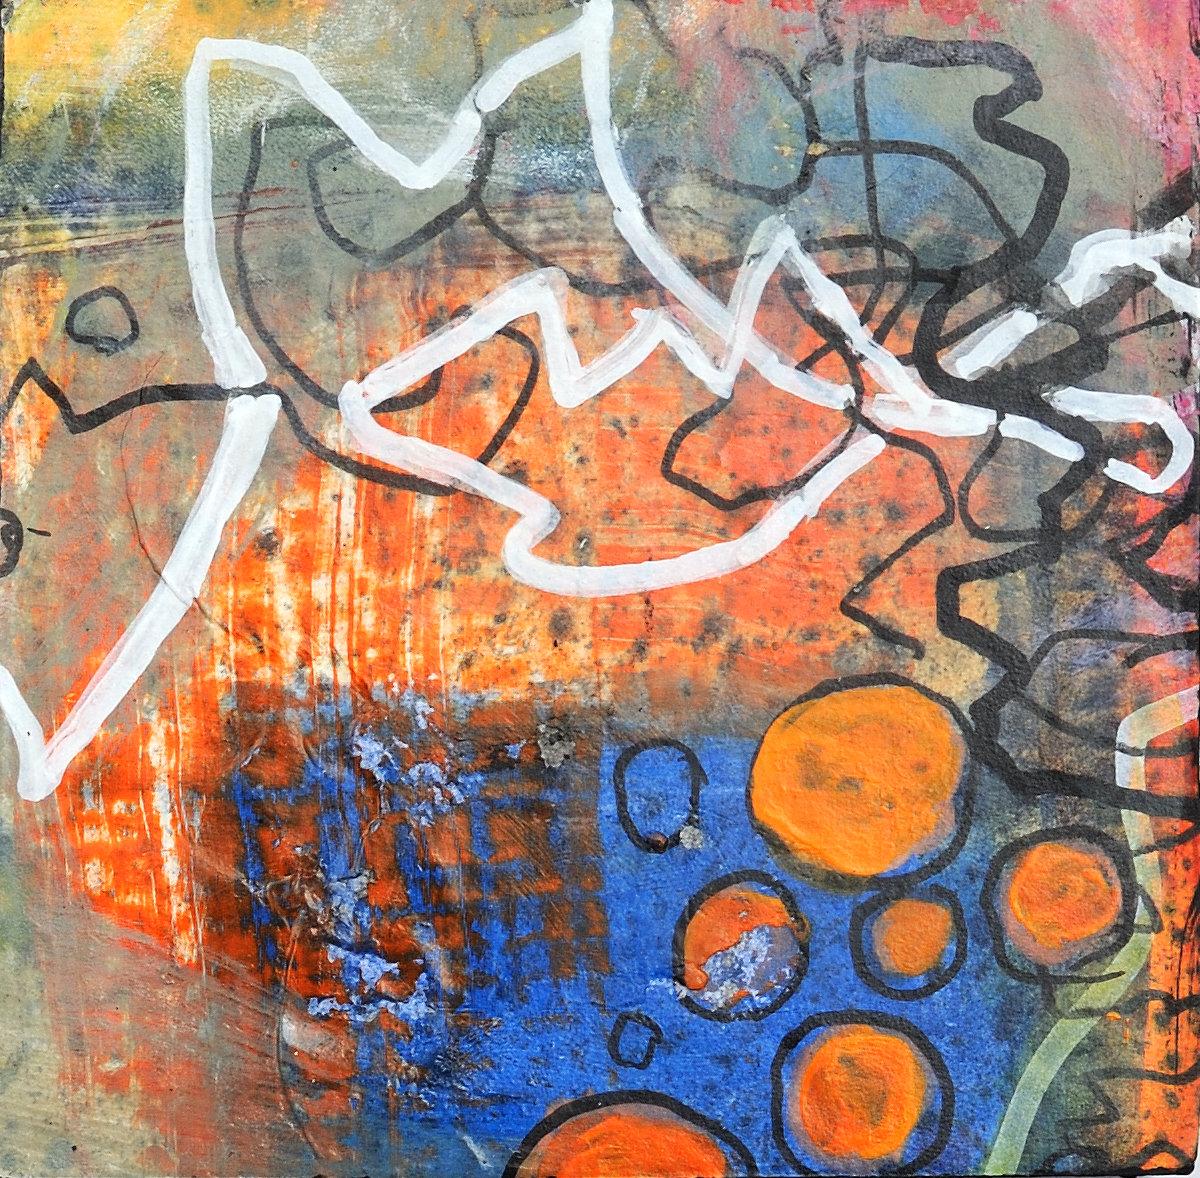 Art spots absrtract 2_2 of 4.jpg